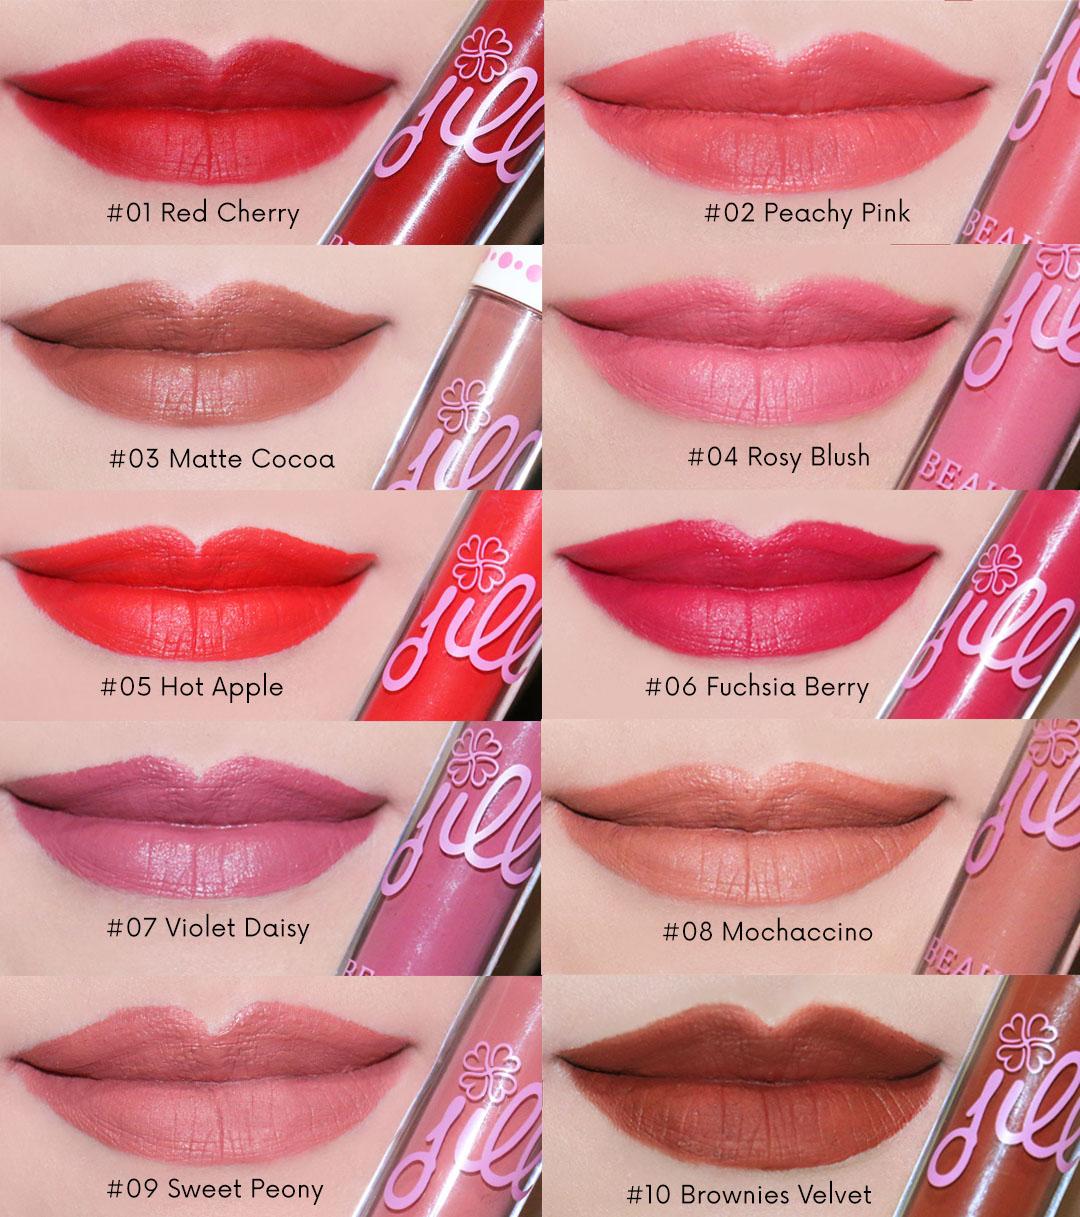 Jill Beauty Lip Cream Matte Lokal Yang Murah Dan Bagus